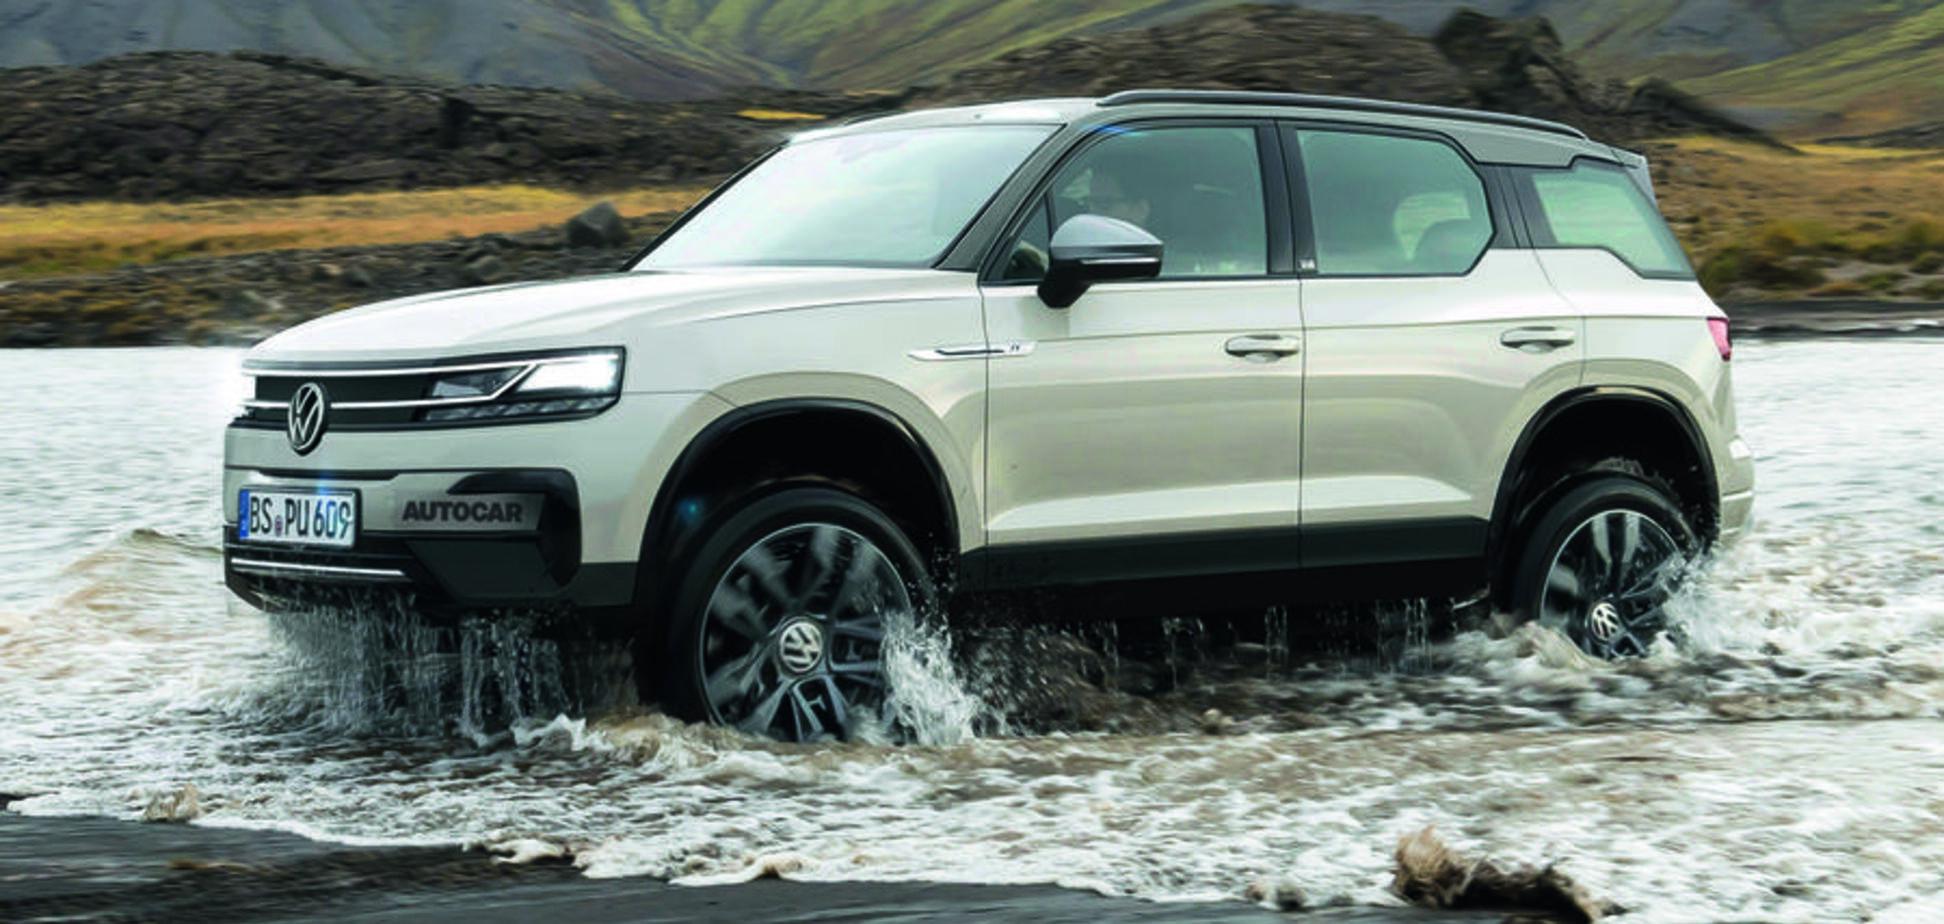 Брутальний і посилений: Volkswagen анонсувала новий електричний позашляховик